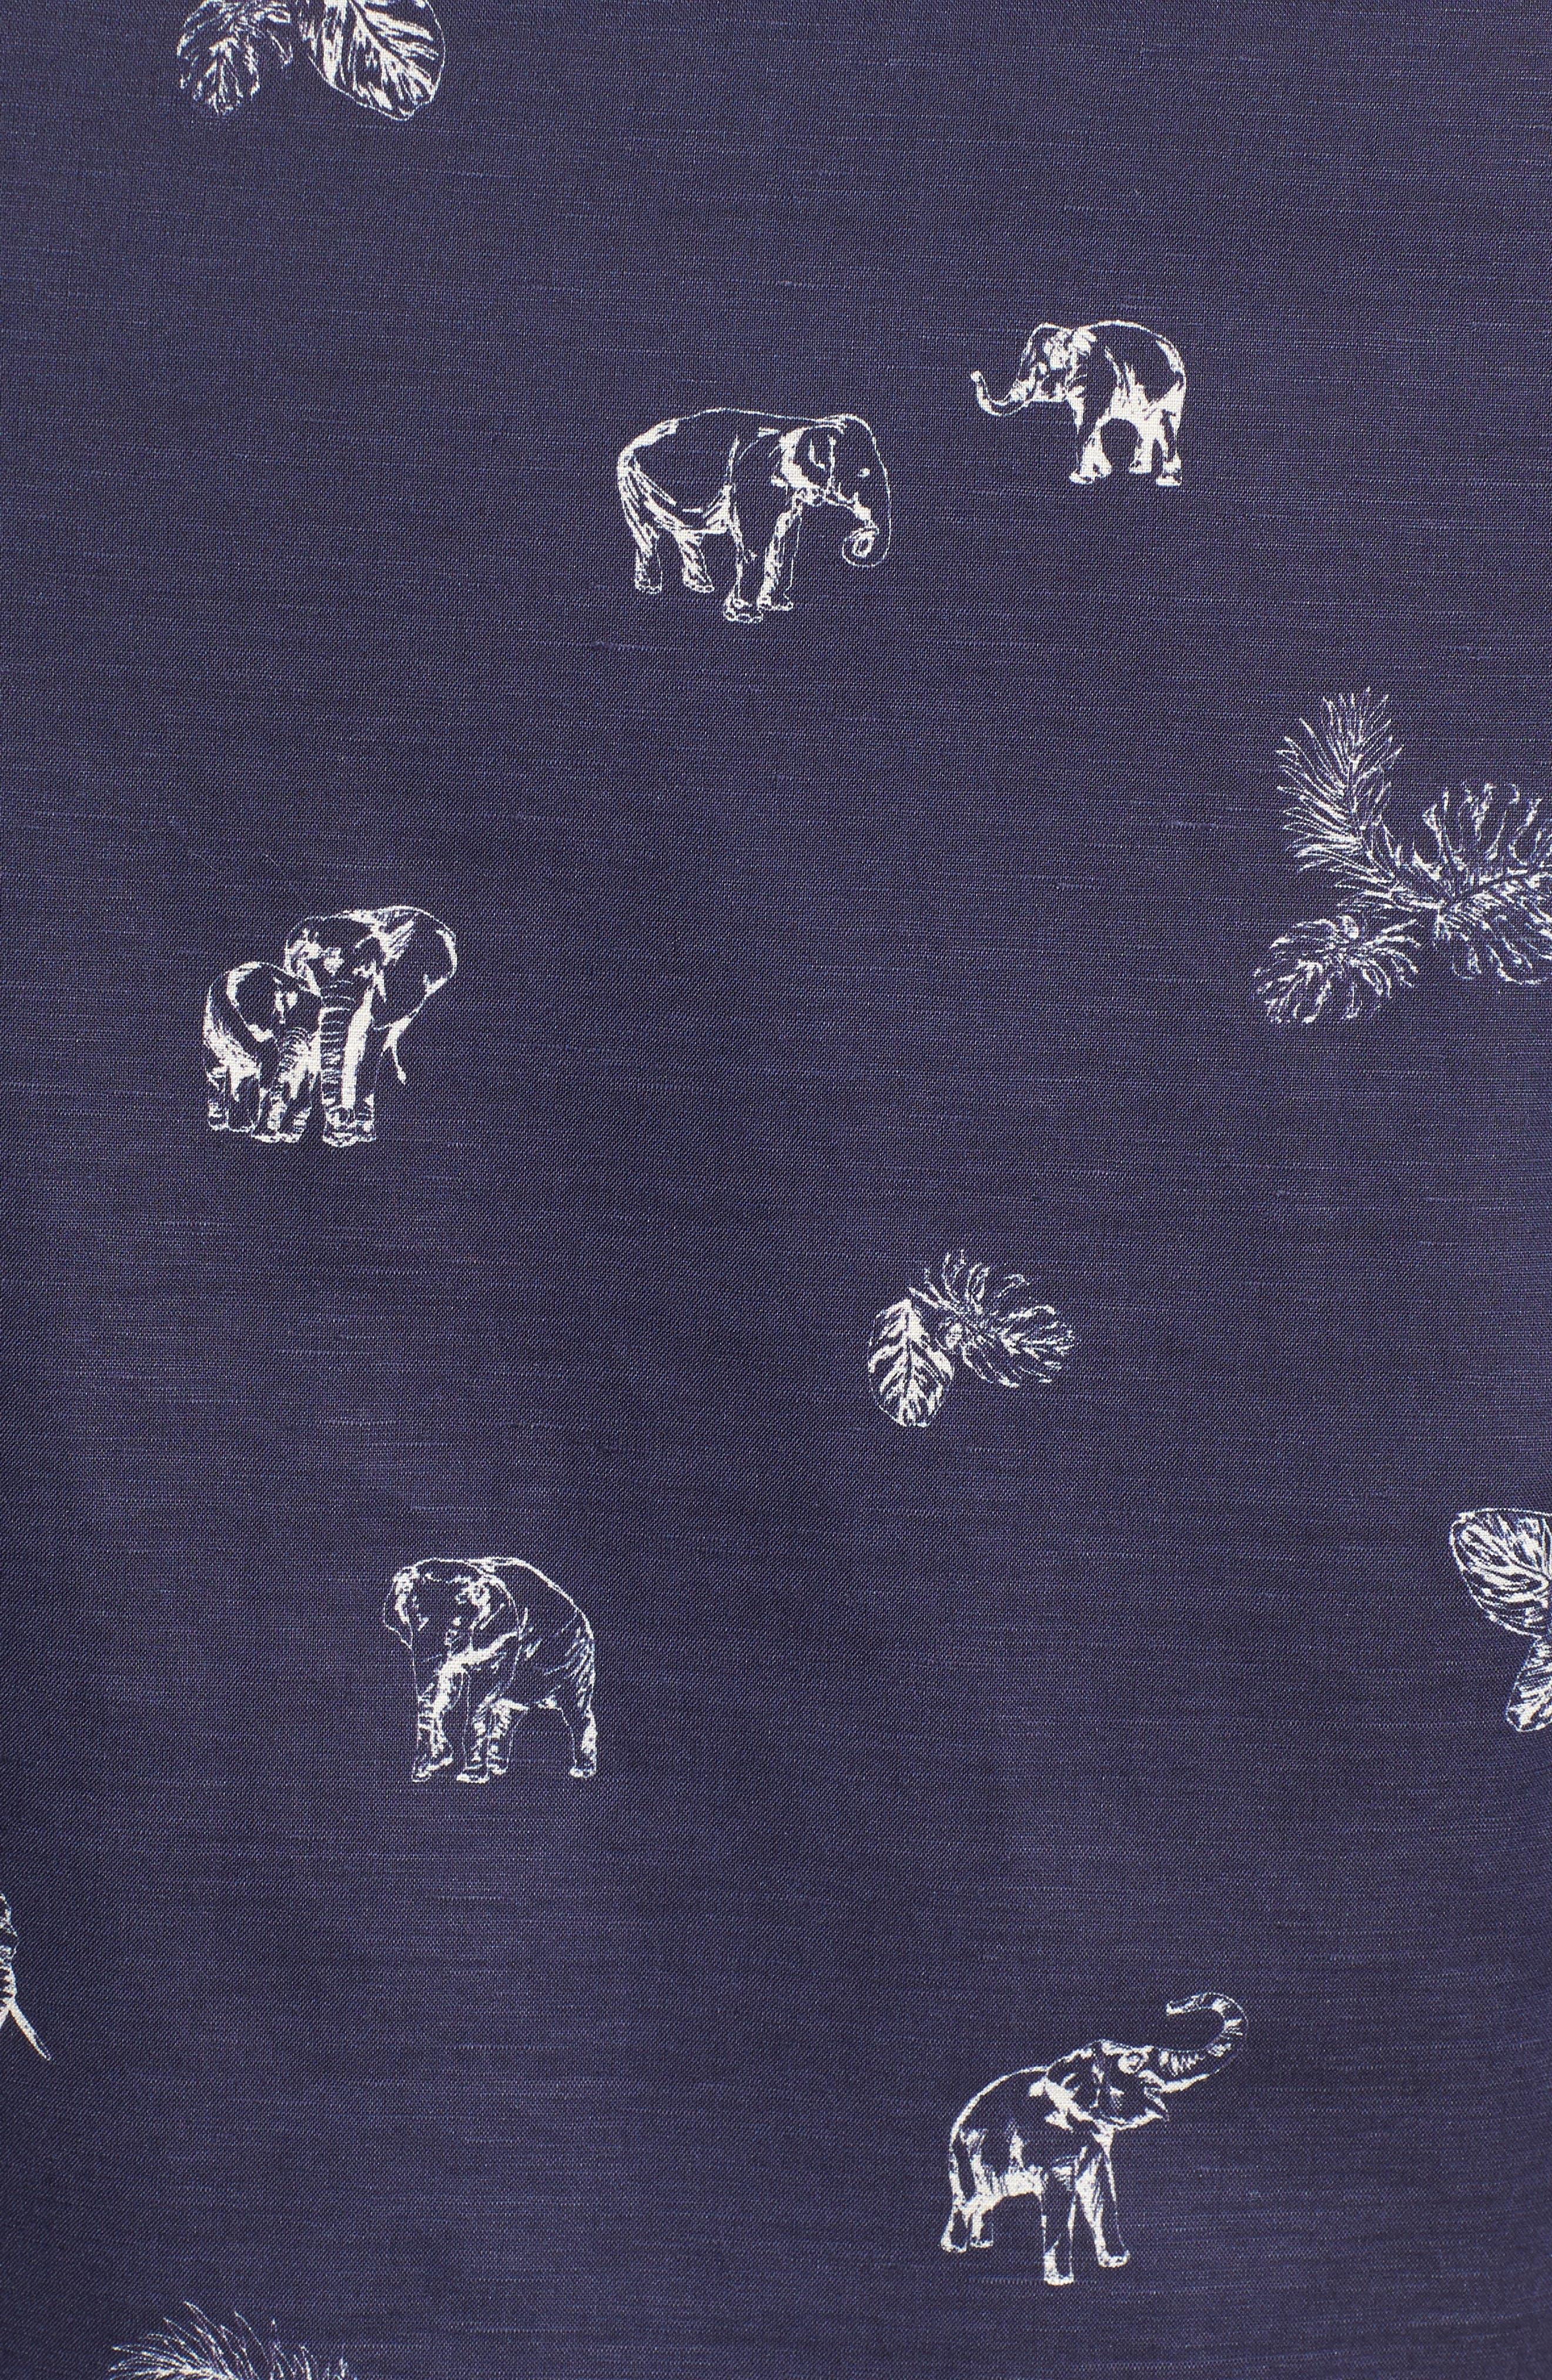 Sanctuary Trim Fit Linen & Cotton Camp Shirt,                             Alternate thumbnail 3, color,                             Navy